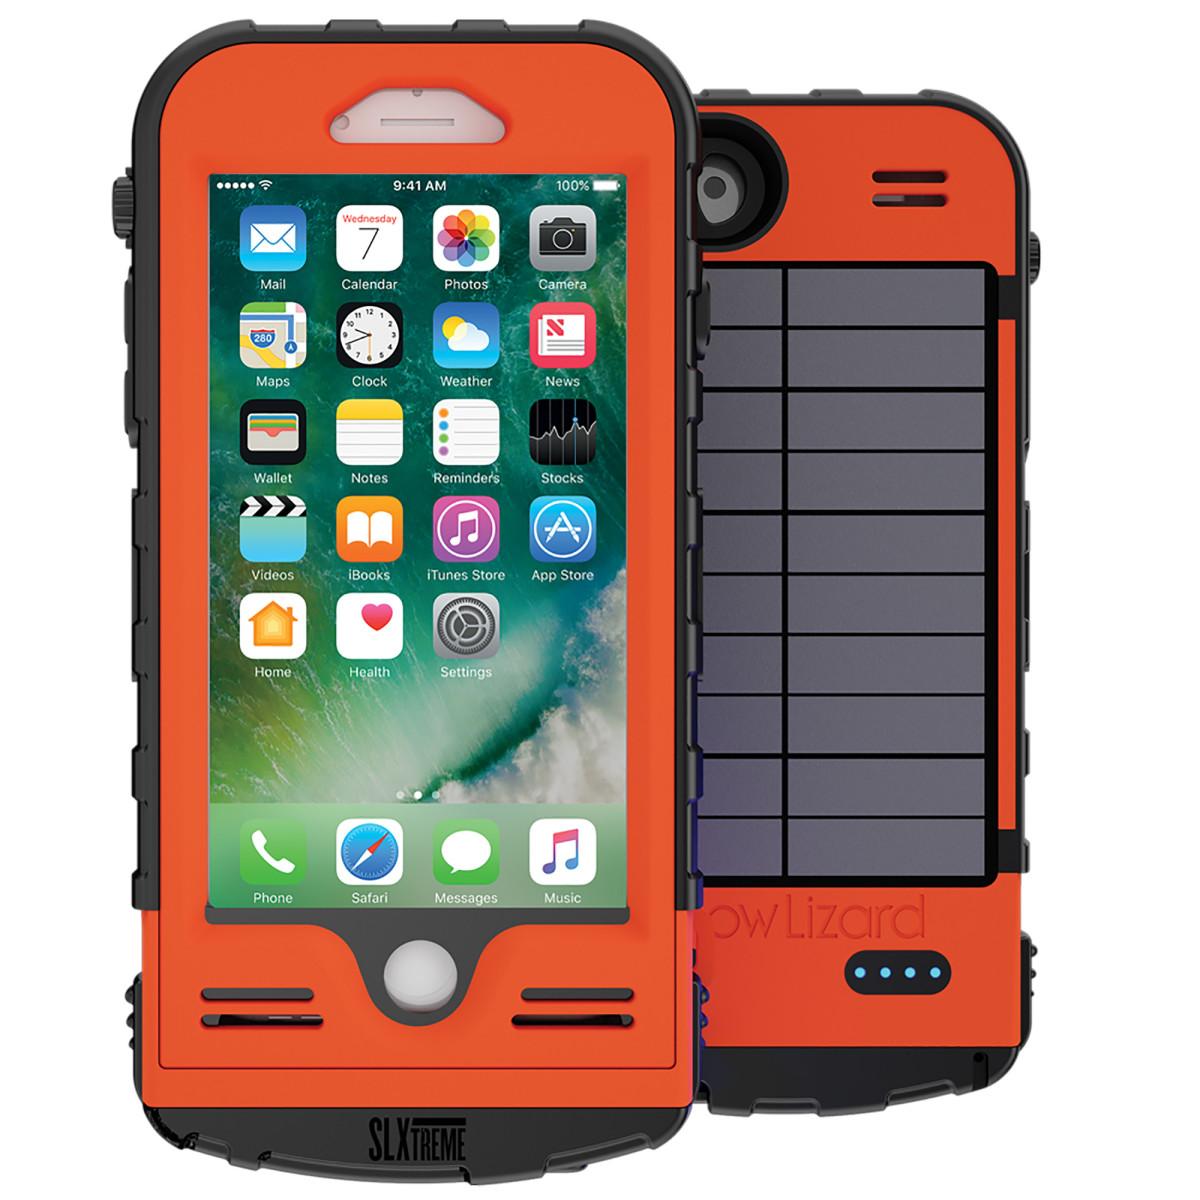 Snowlizard iPhone case